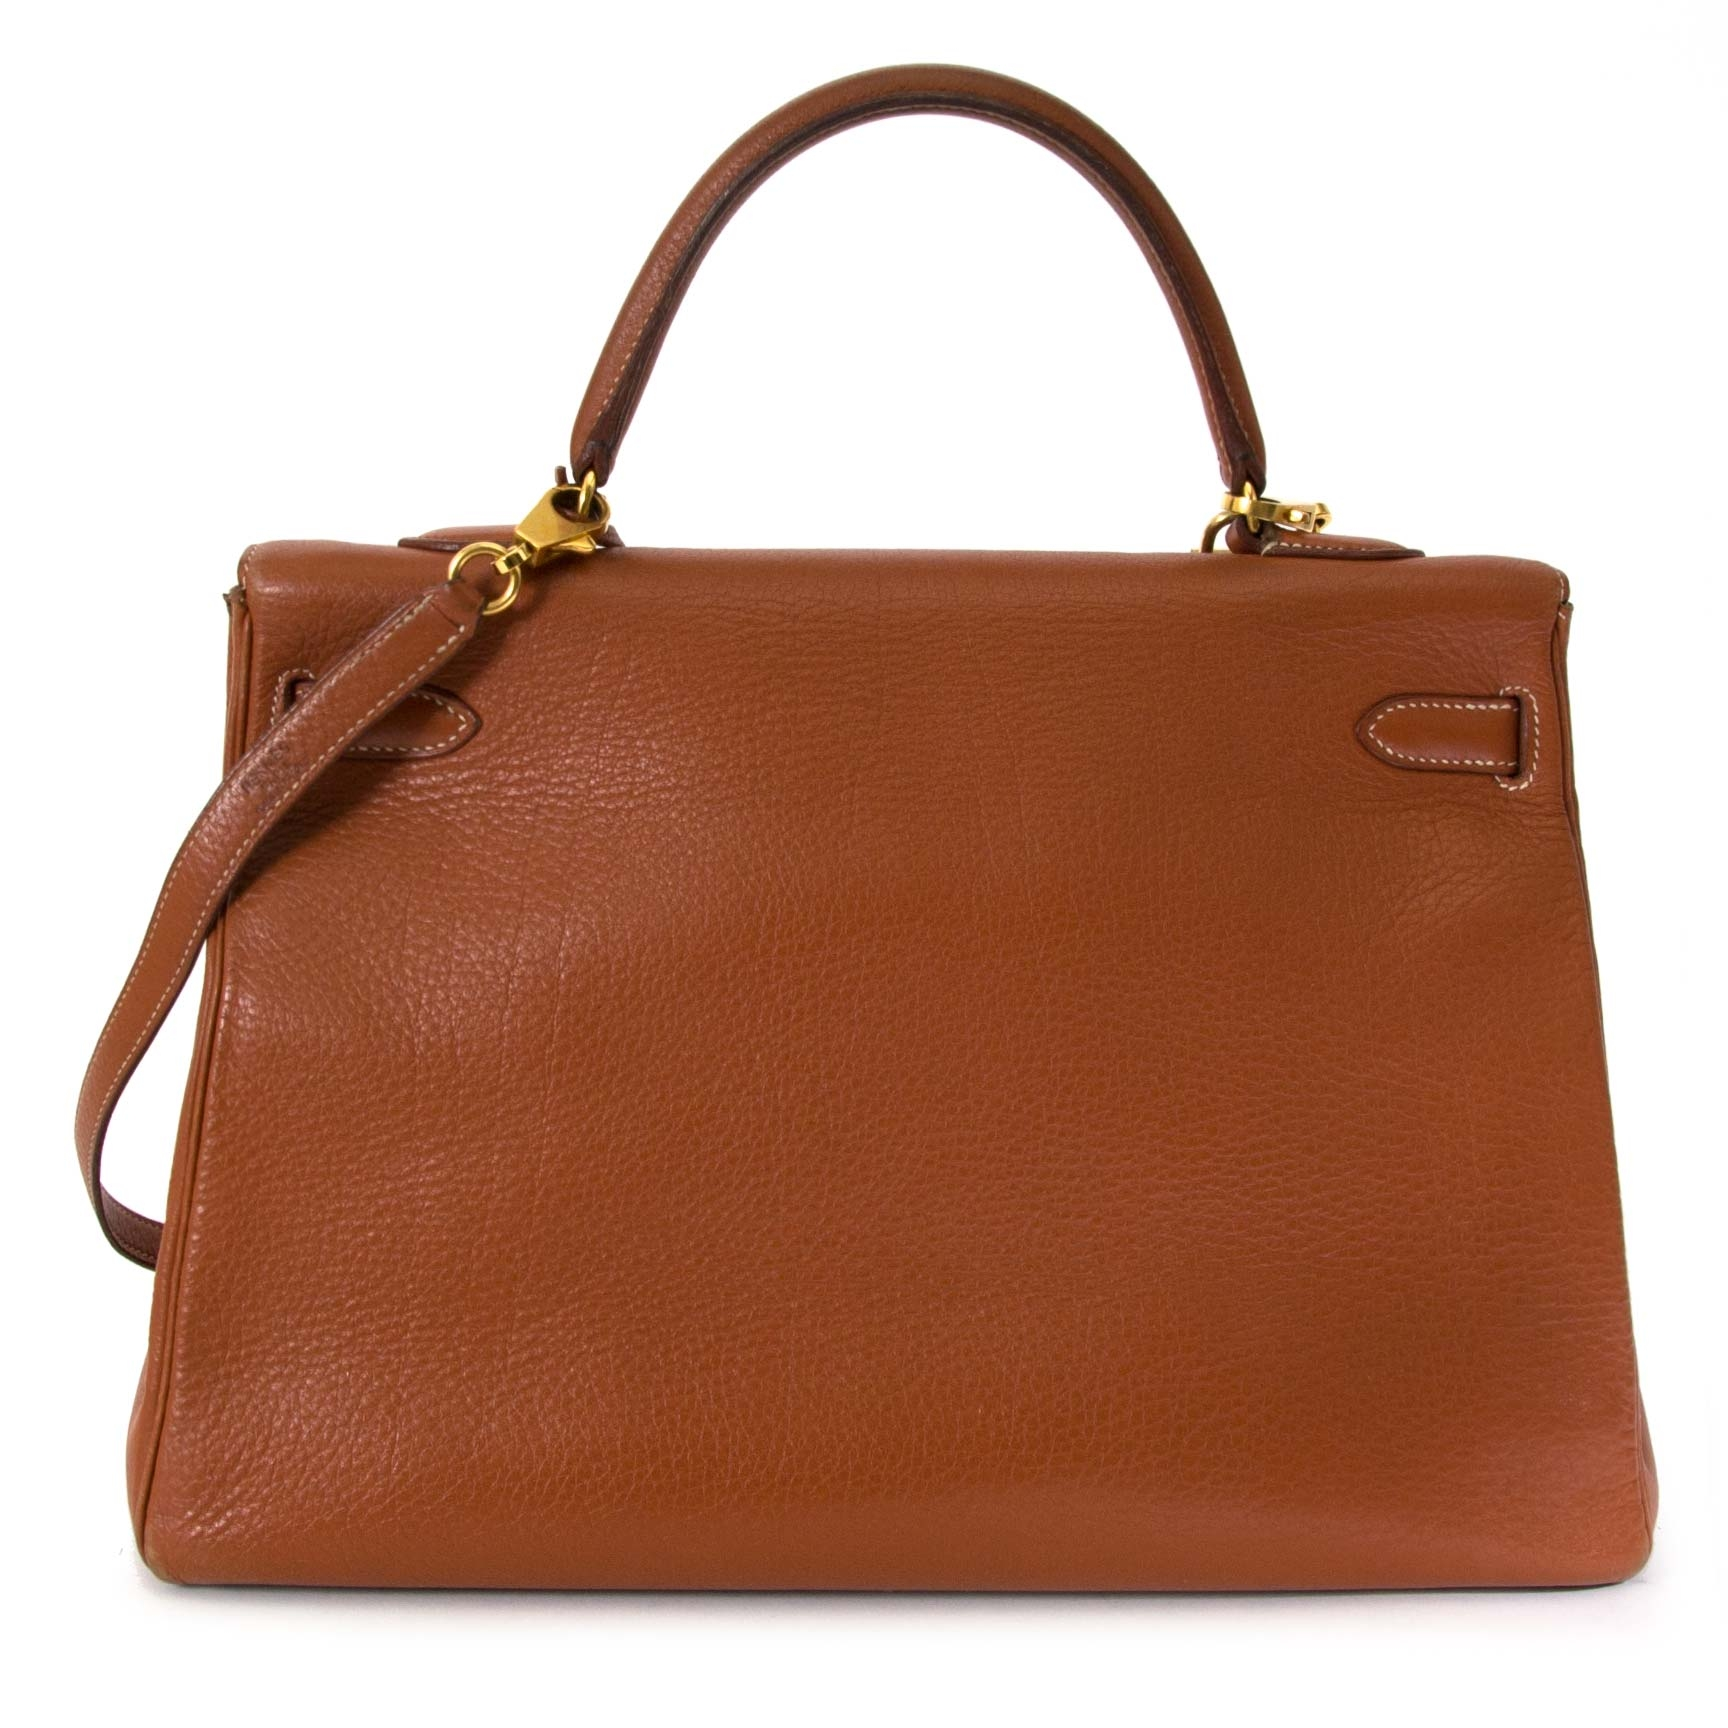 Achetez 100% authentique Hermès Kelly 35 Etrusque GHW